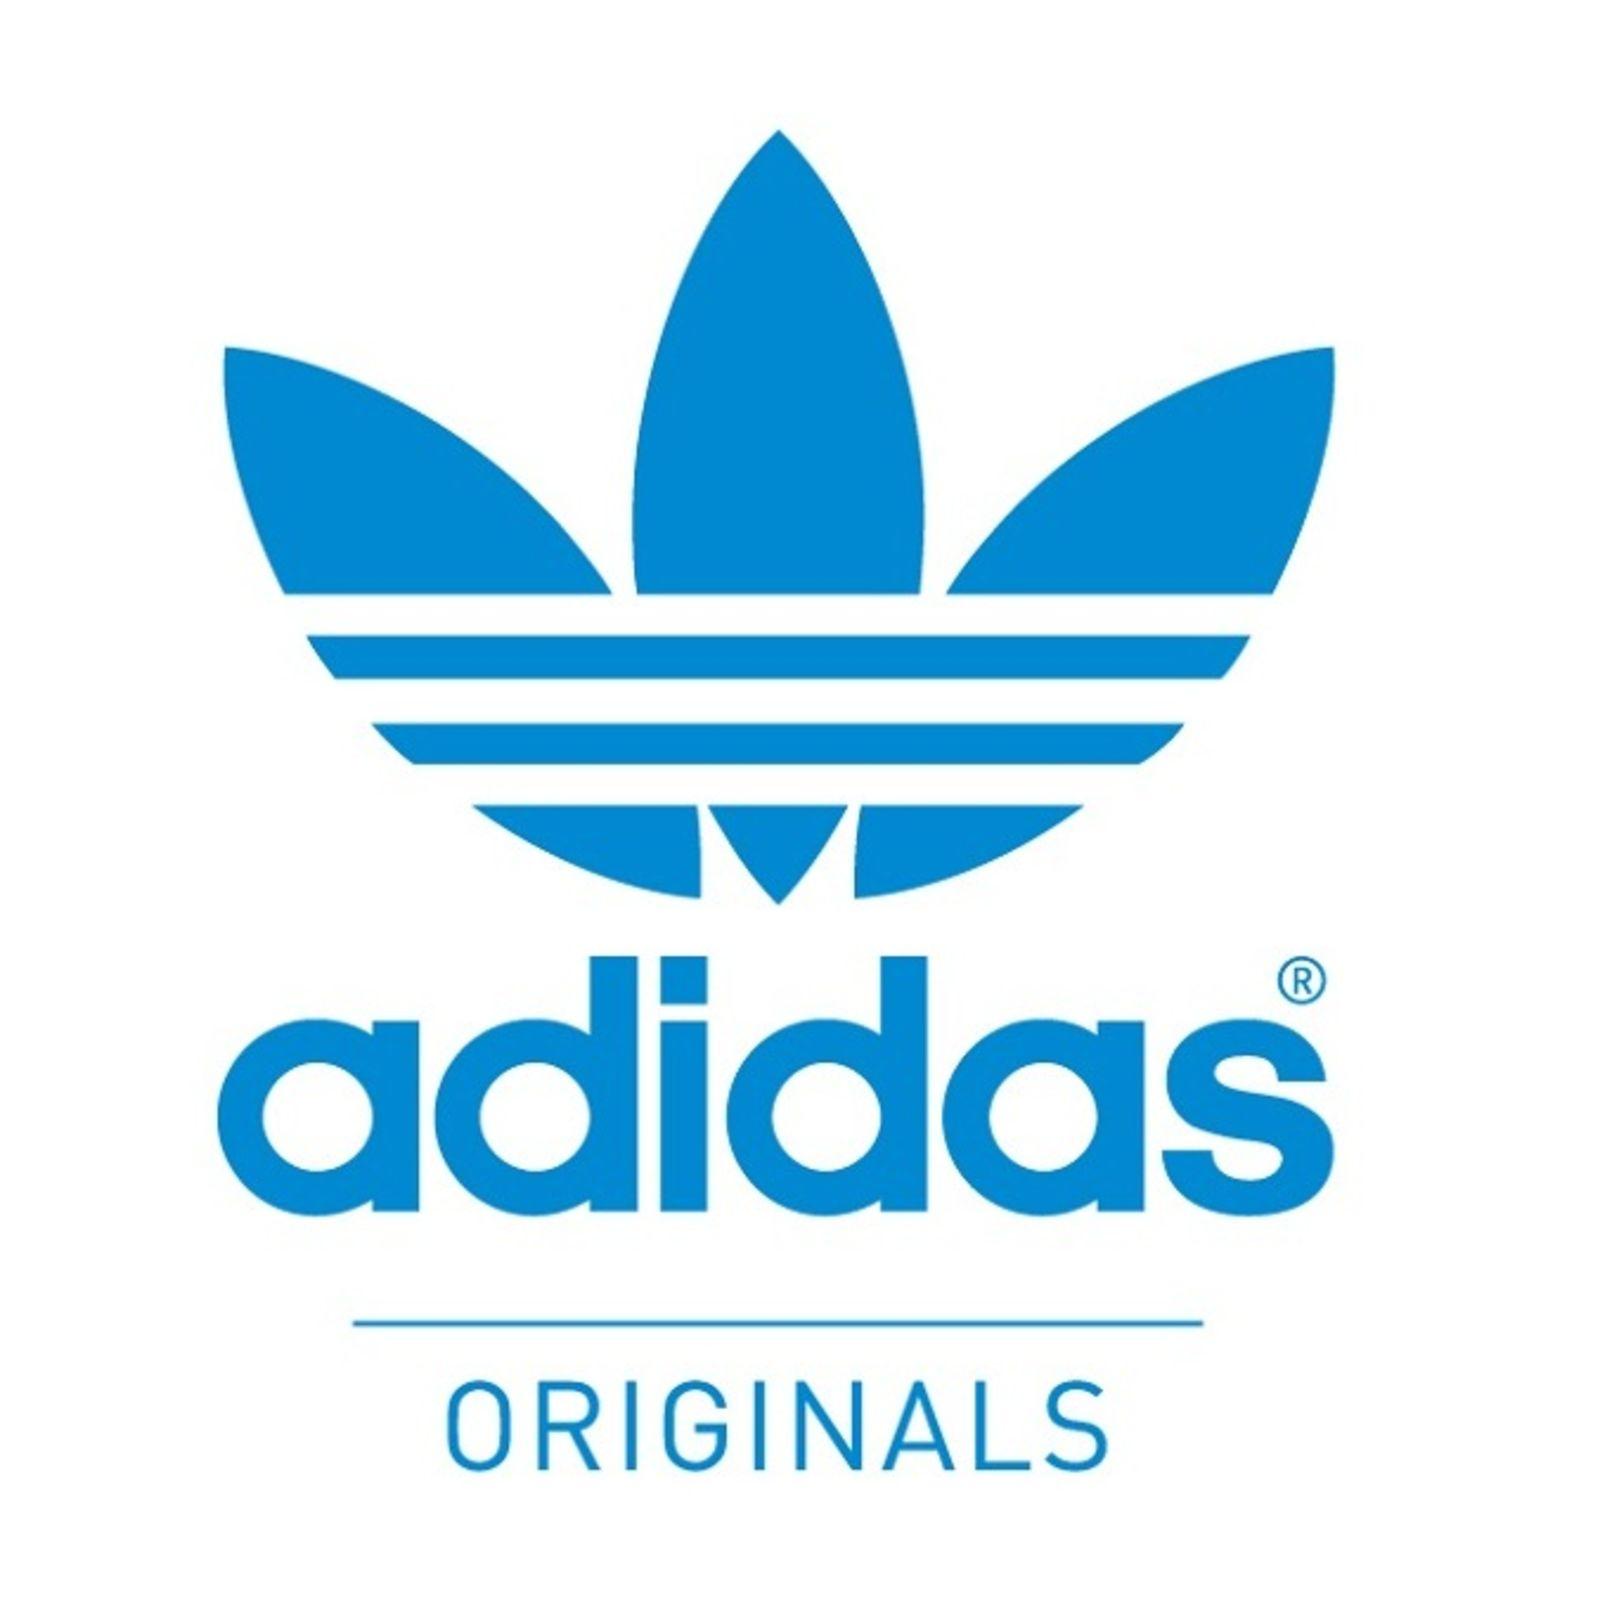 adidas Originals (Bild 1)